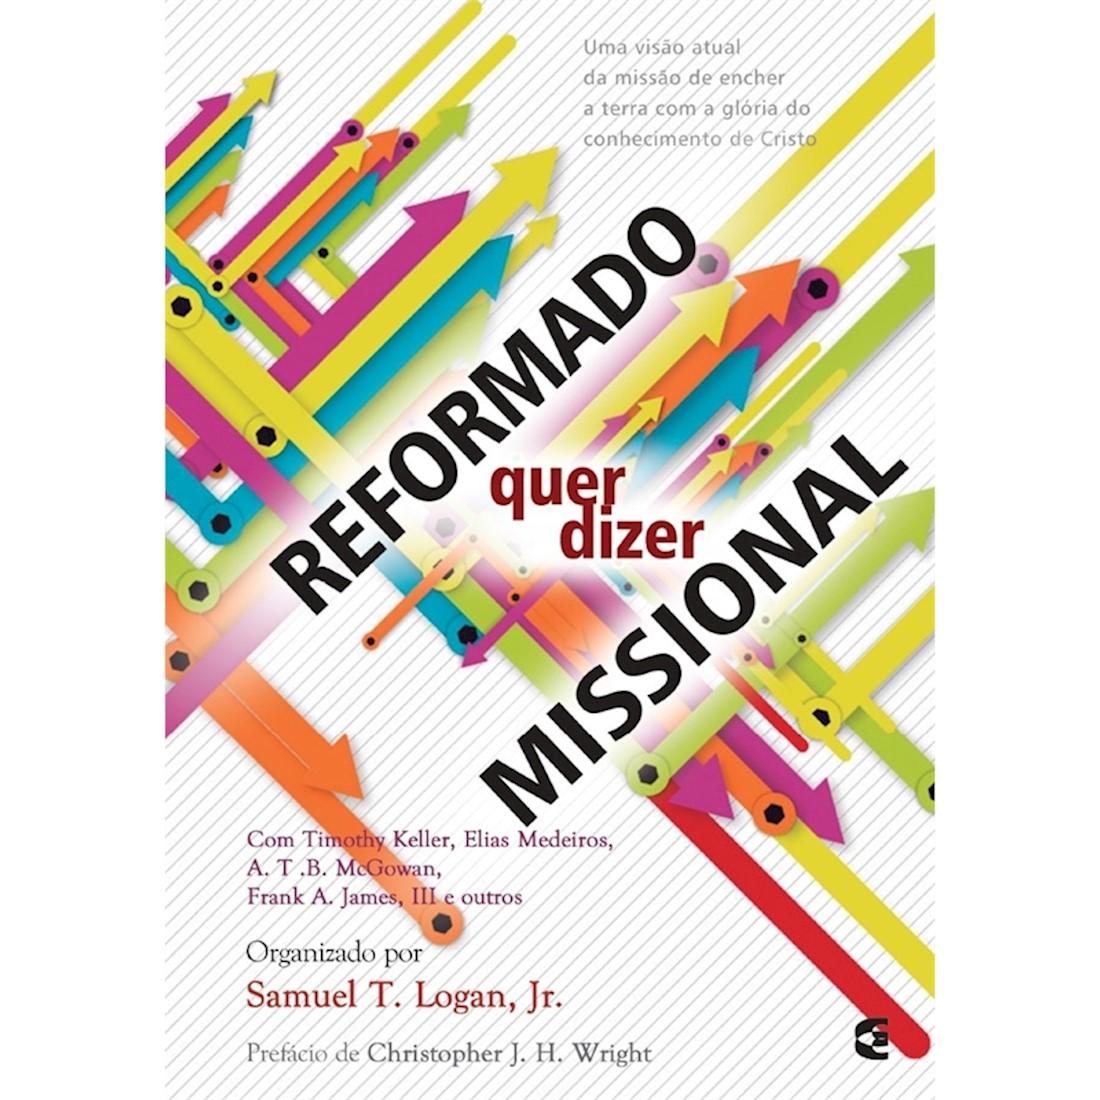 Livro Reformado Quer dizer Missional